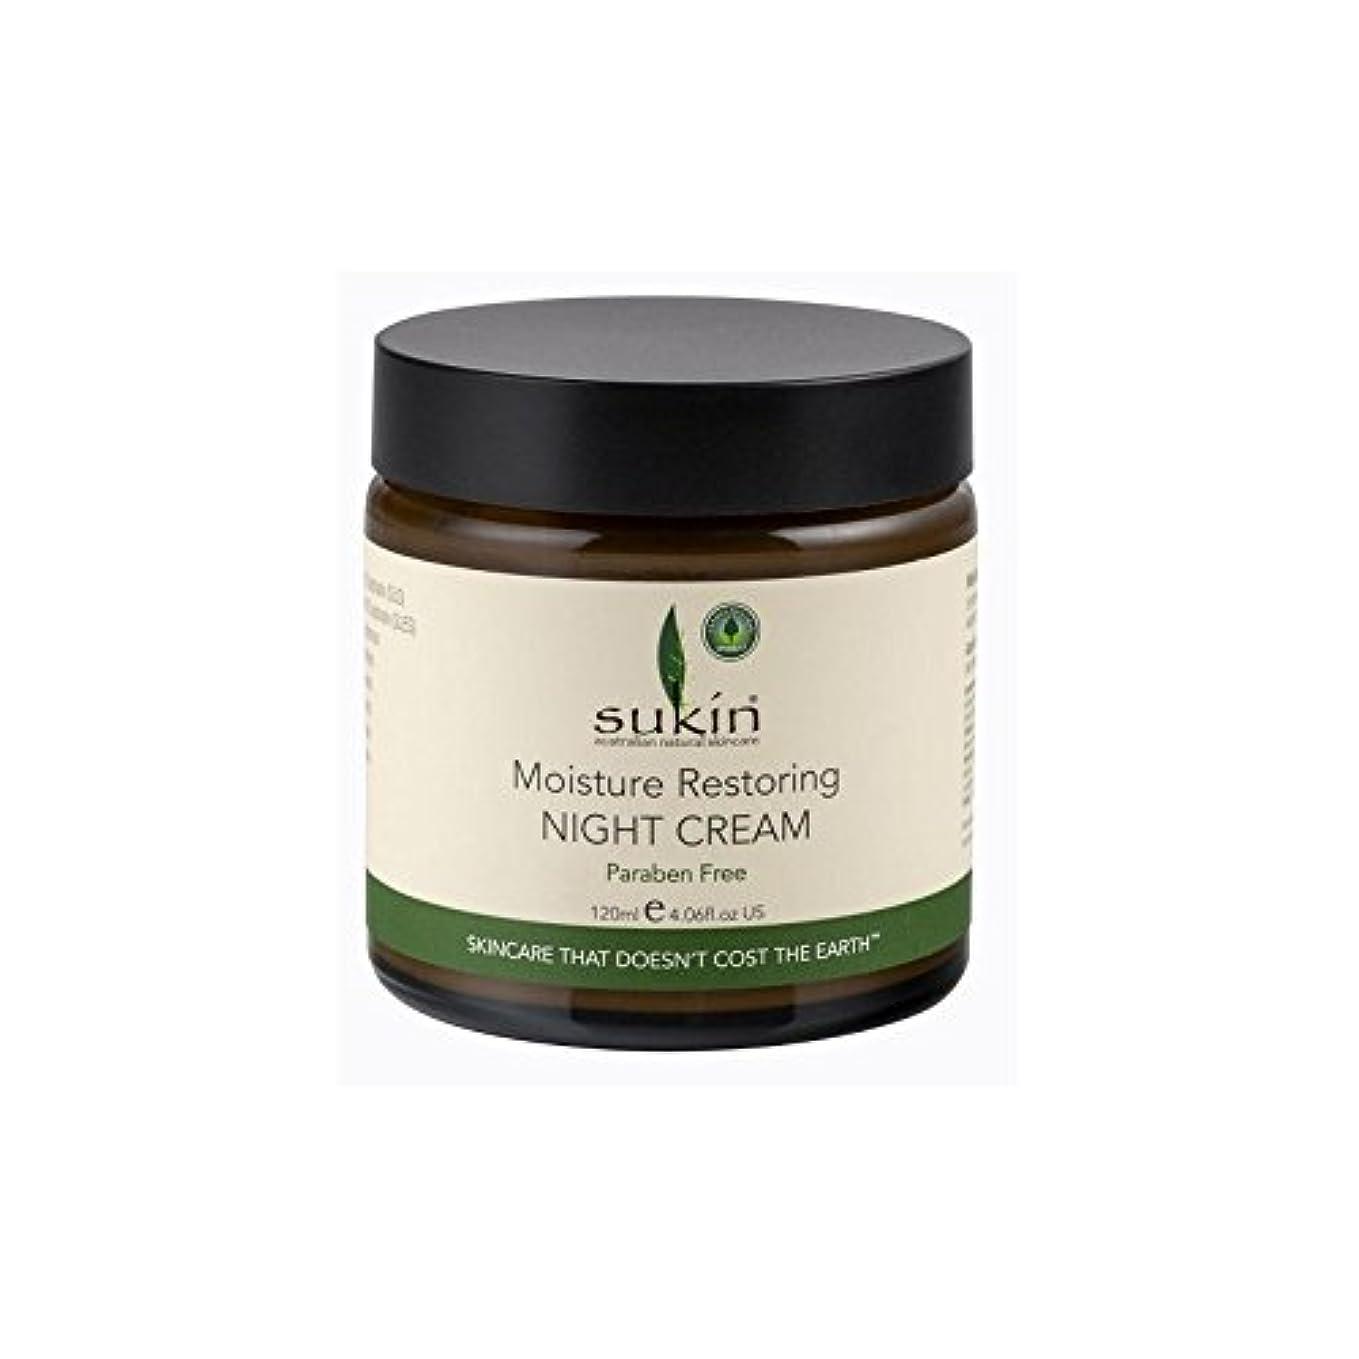 寄付する彼ら一致する水分復元ナイトクリーム(120ミリリットル) x2 - Sukin Moisture Restoring Night Cream (120ml) (Pack of 2) [並行輸入品]